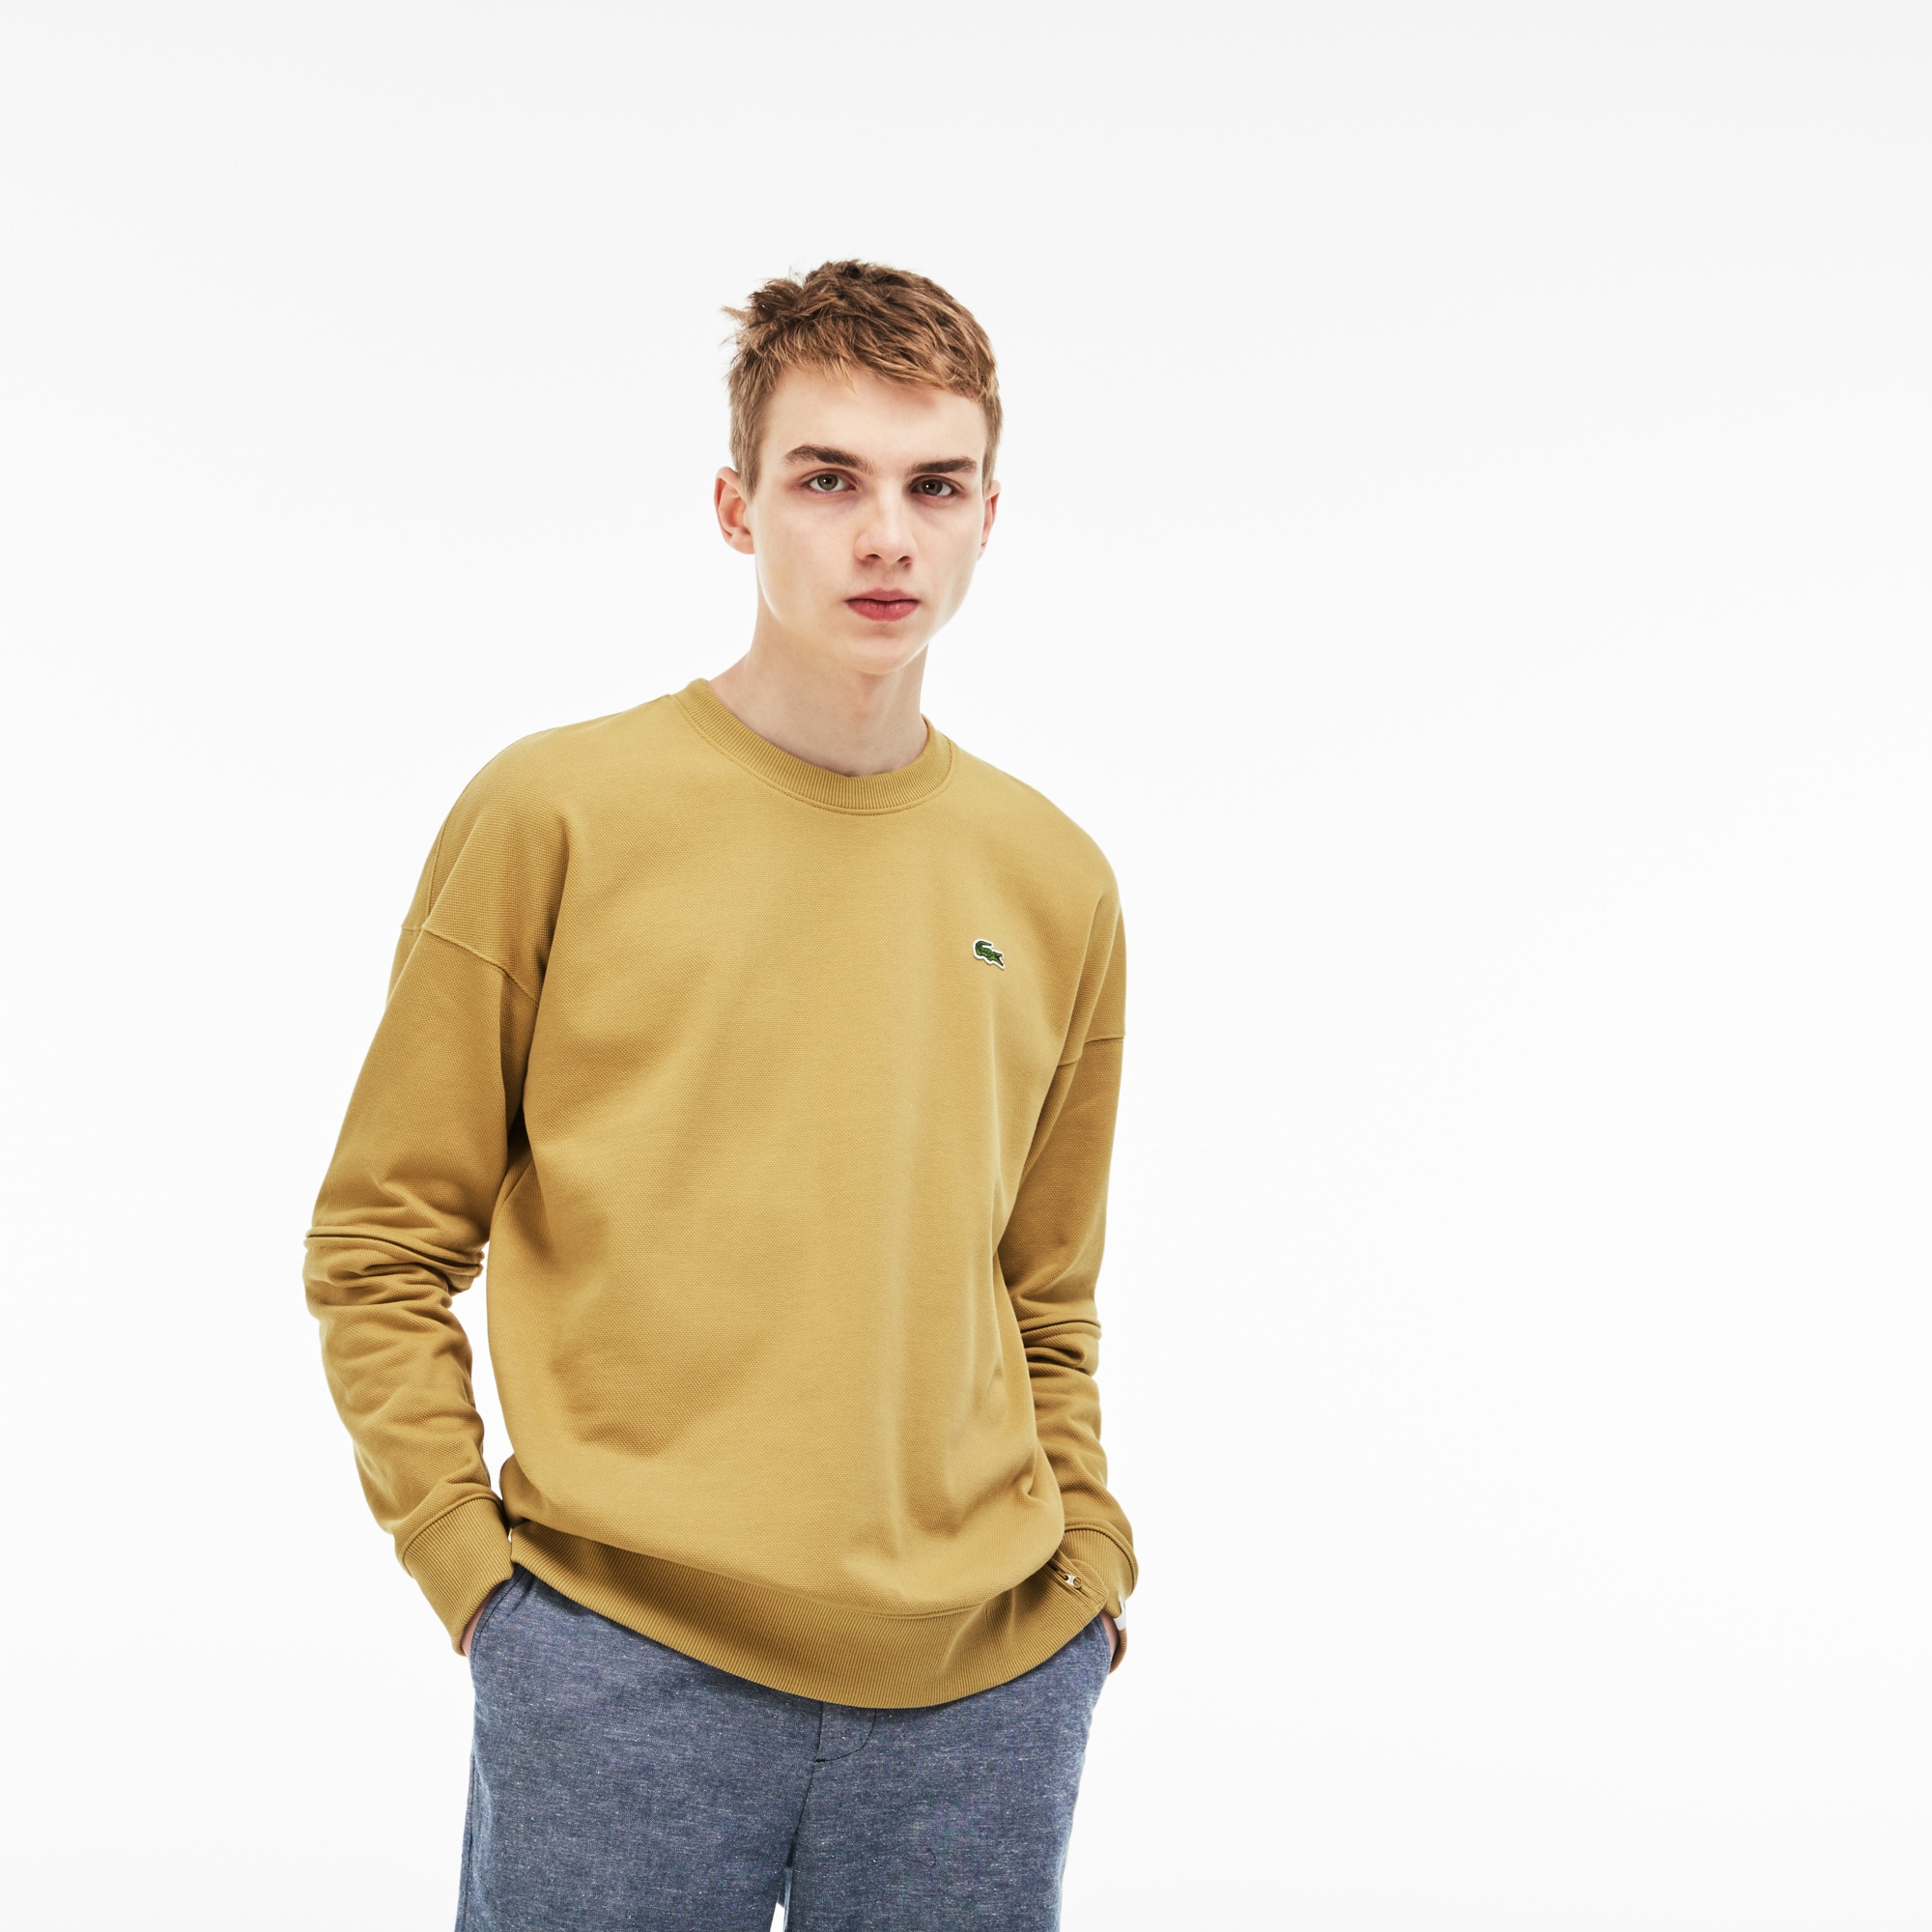 Sweatshirt ample Lacoste LIVE en molleton piqué avec manches amovibles